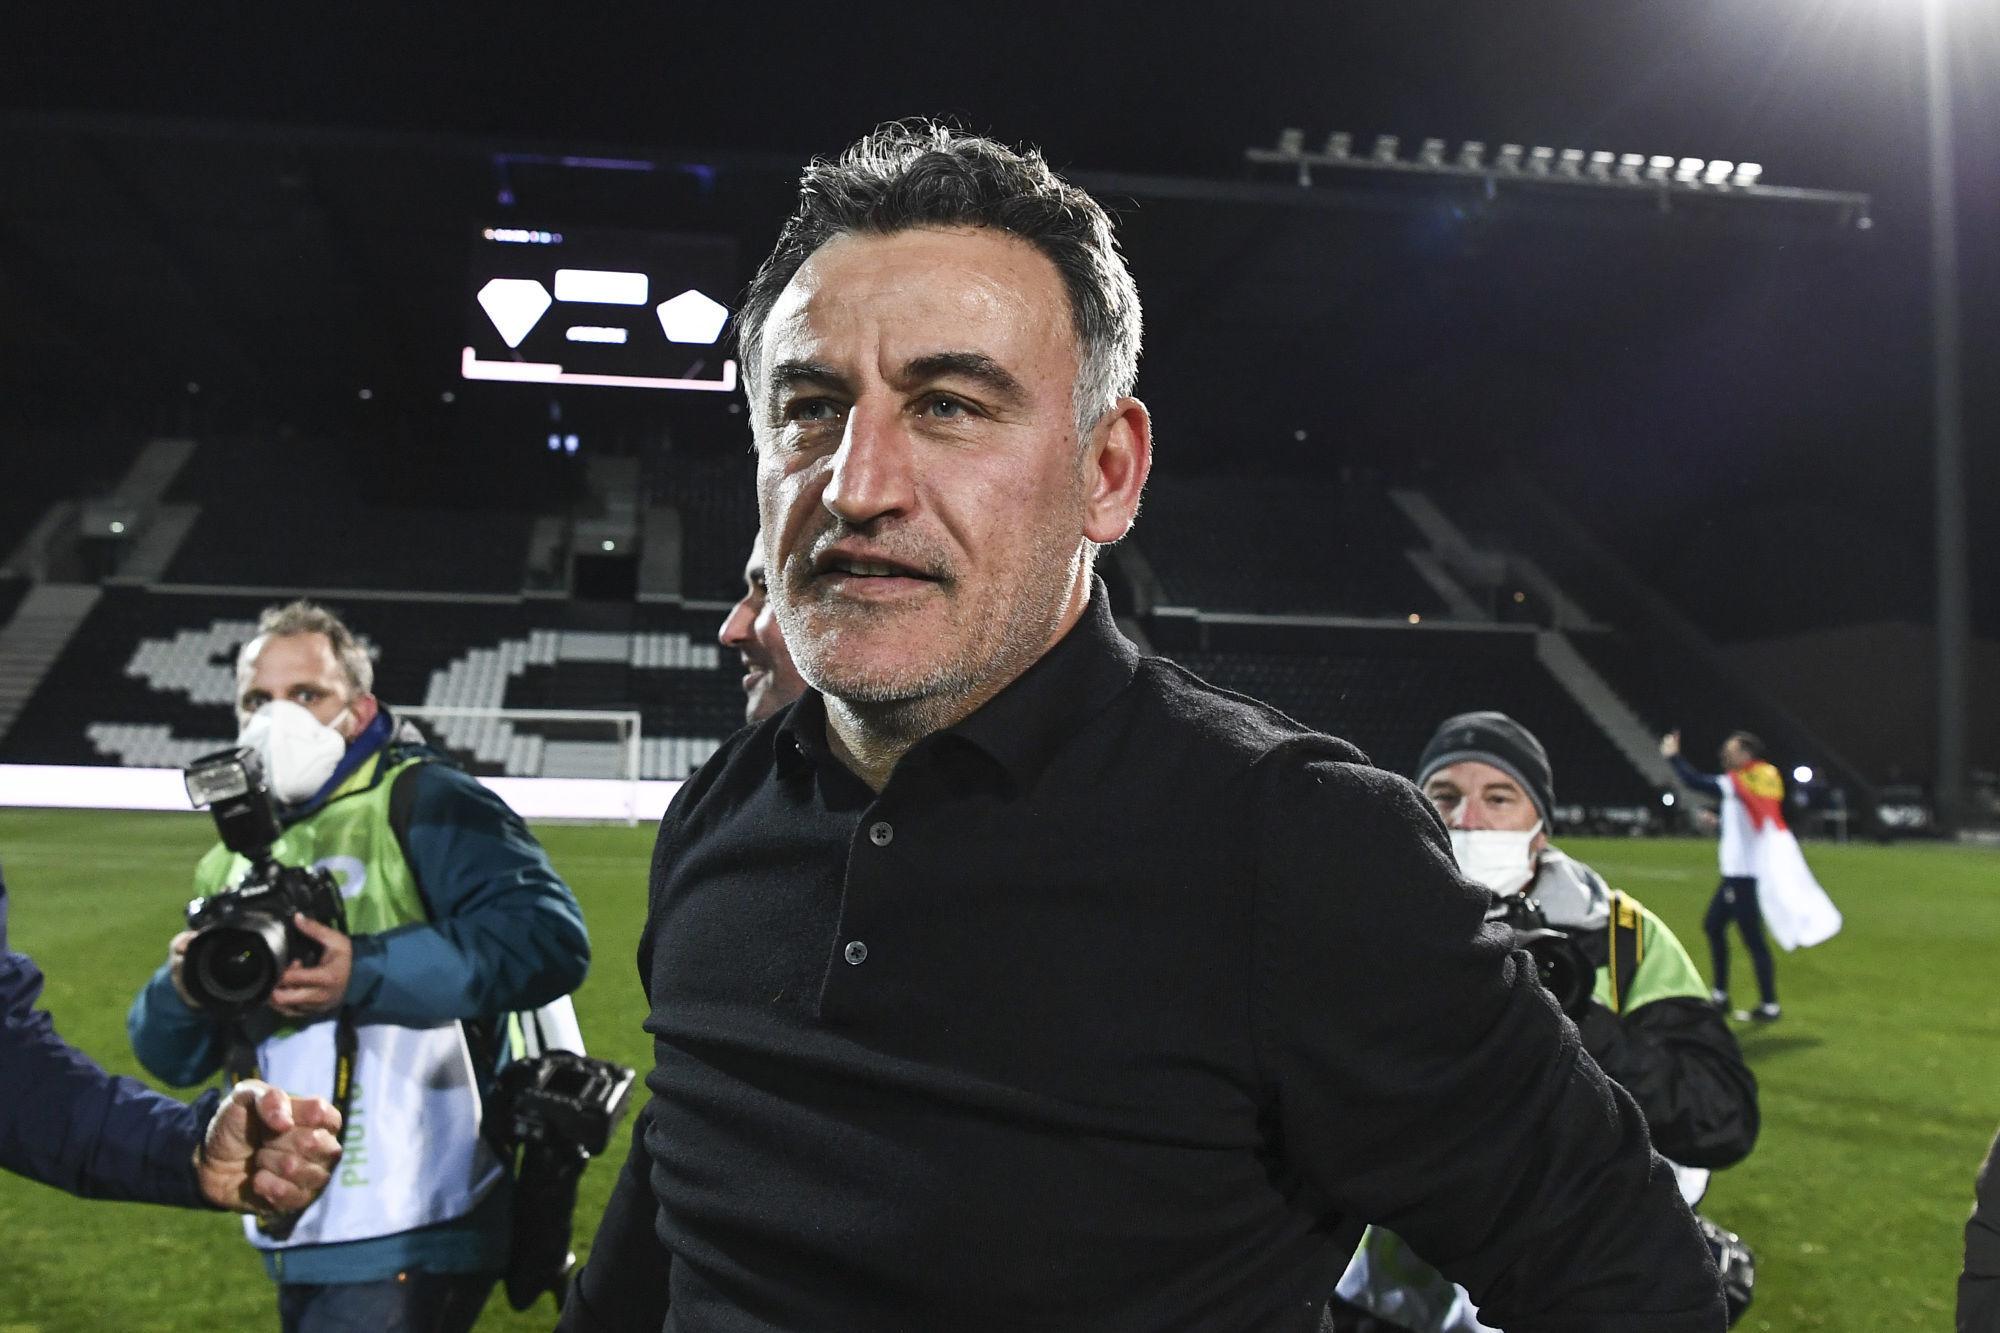 """Ligue 1 - Galtier fier de ses joueurs souligne la """"saison extraordinaire"""" de Lille"""